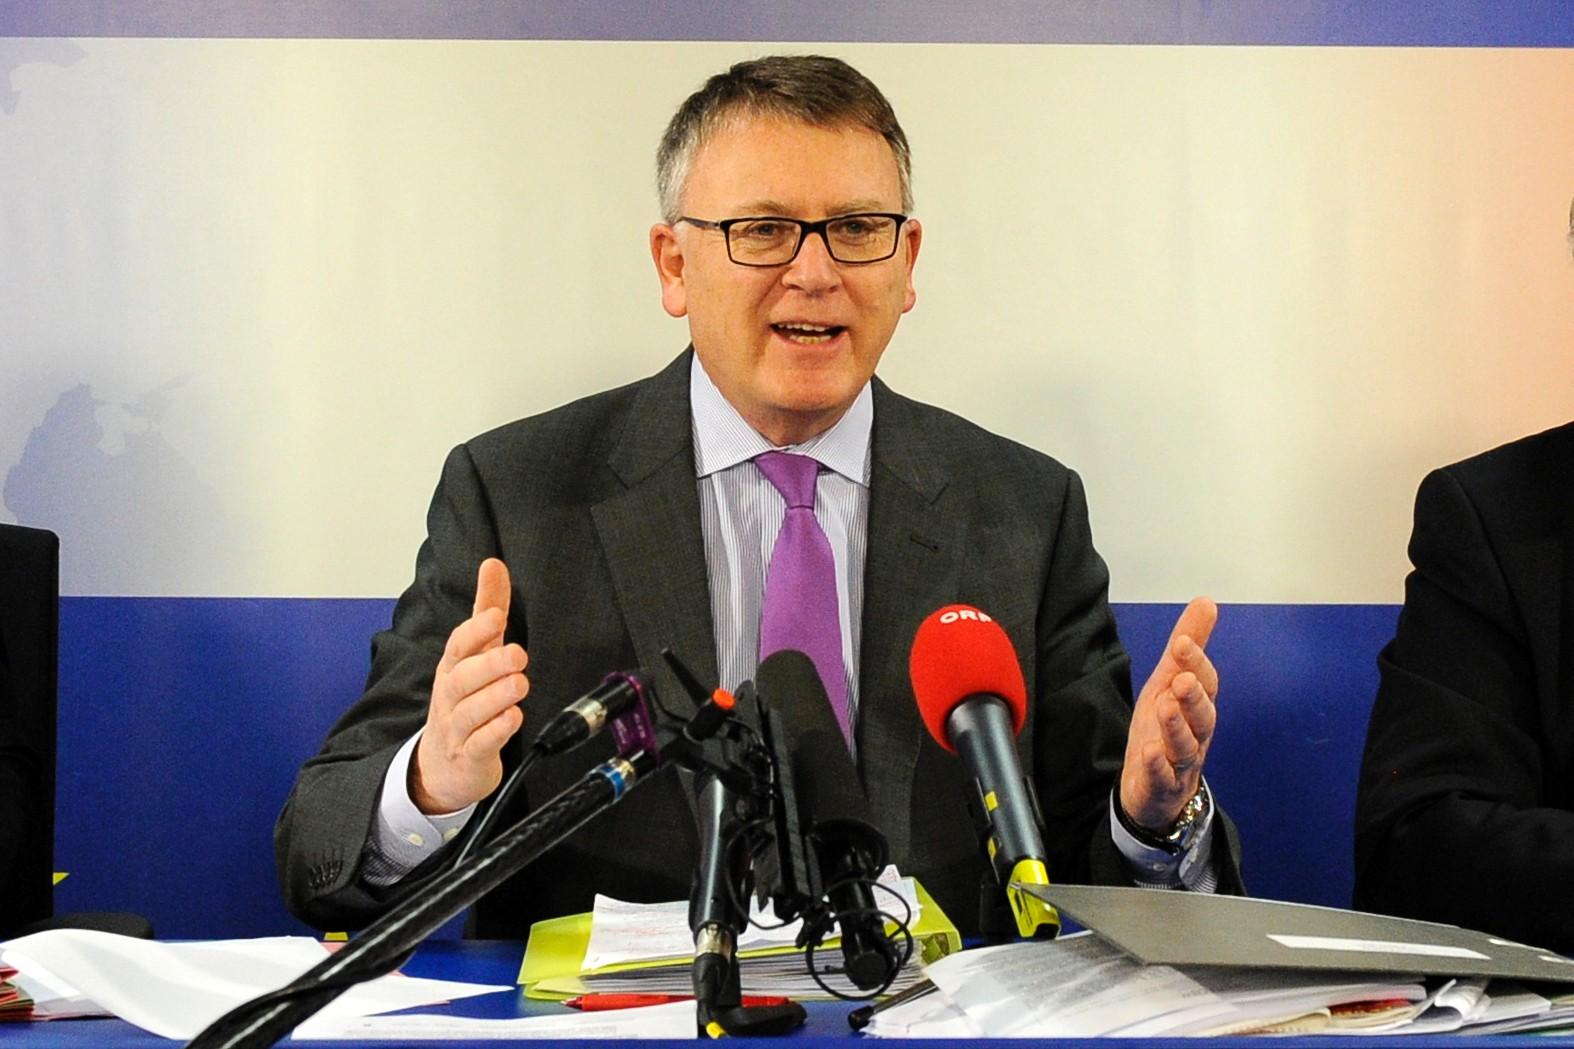 Le socialiste luxembourgeois Nicolas Schmit est chargé de l'emploi